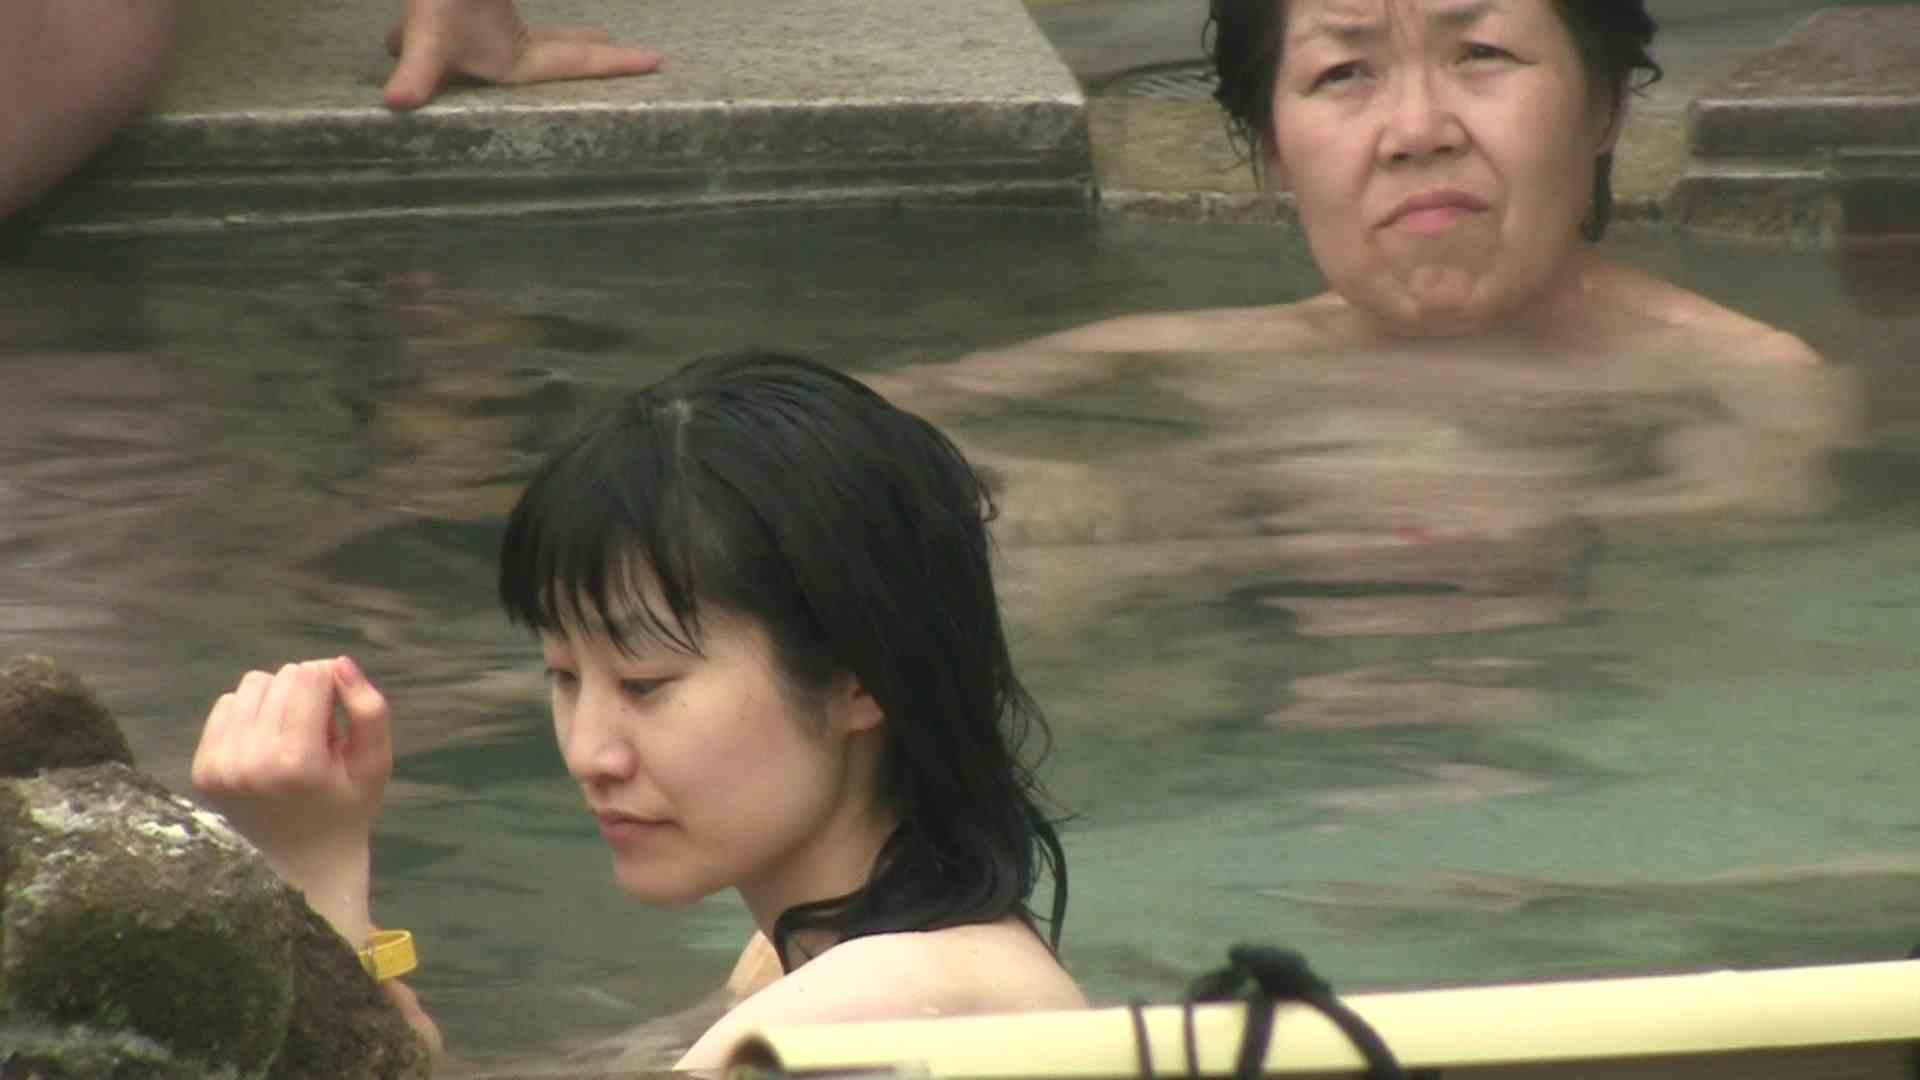 Aquaな露天風呂Vol.14【VIP】 盗撮シリーズ  94PIX 12